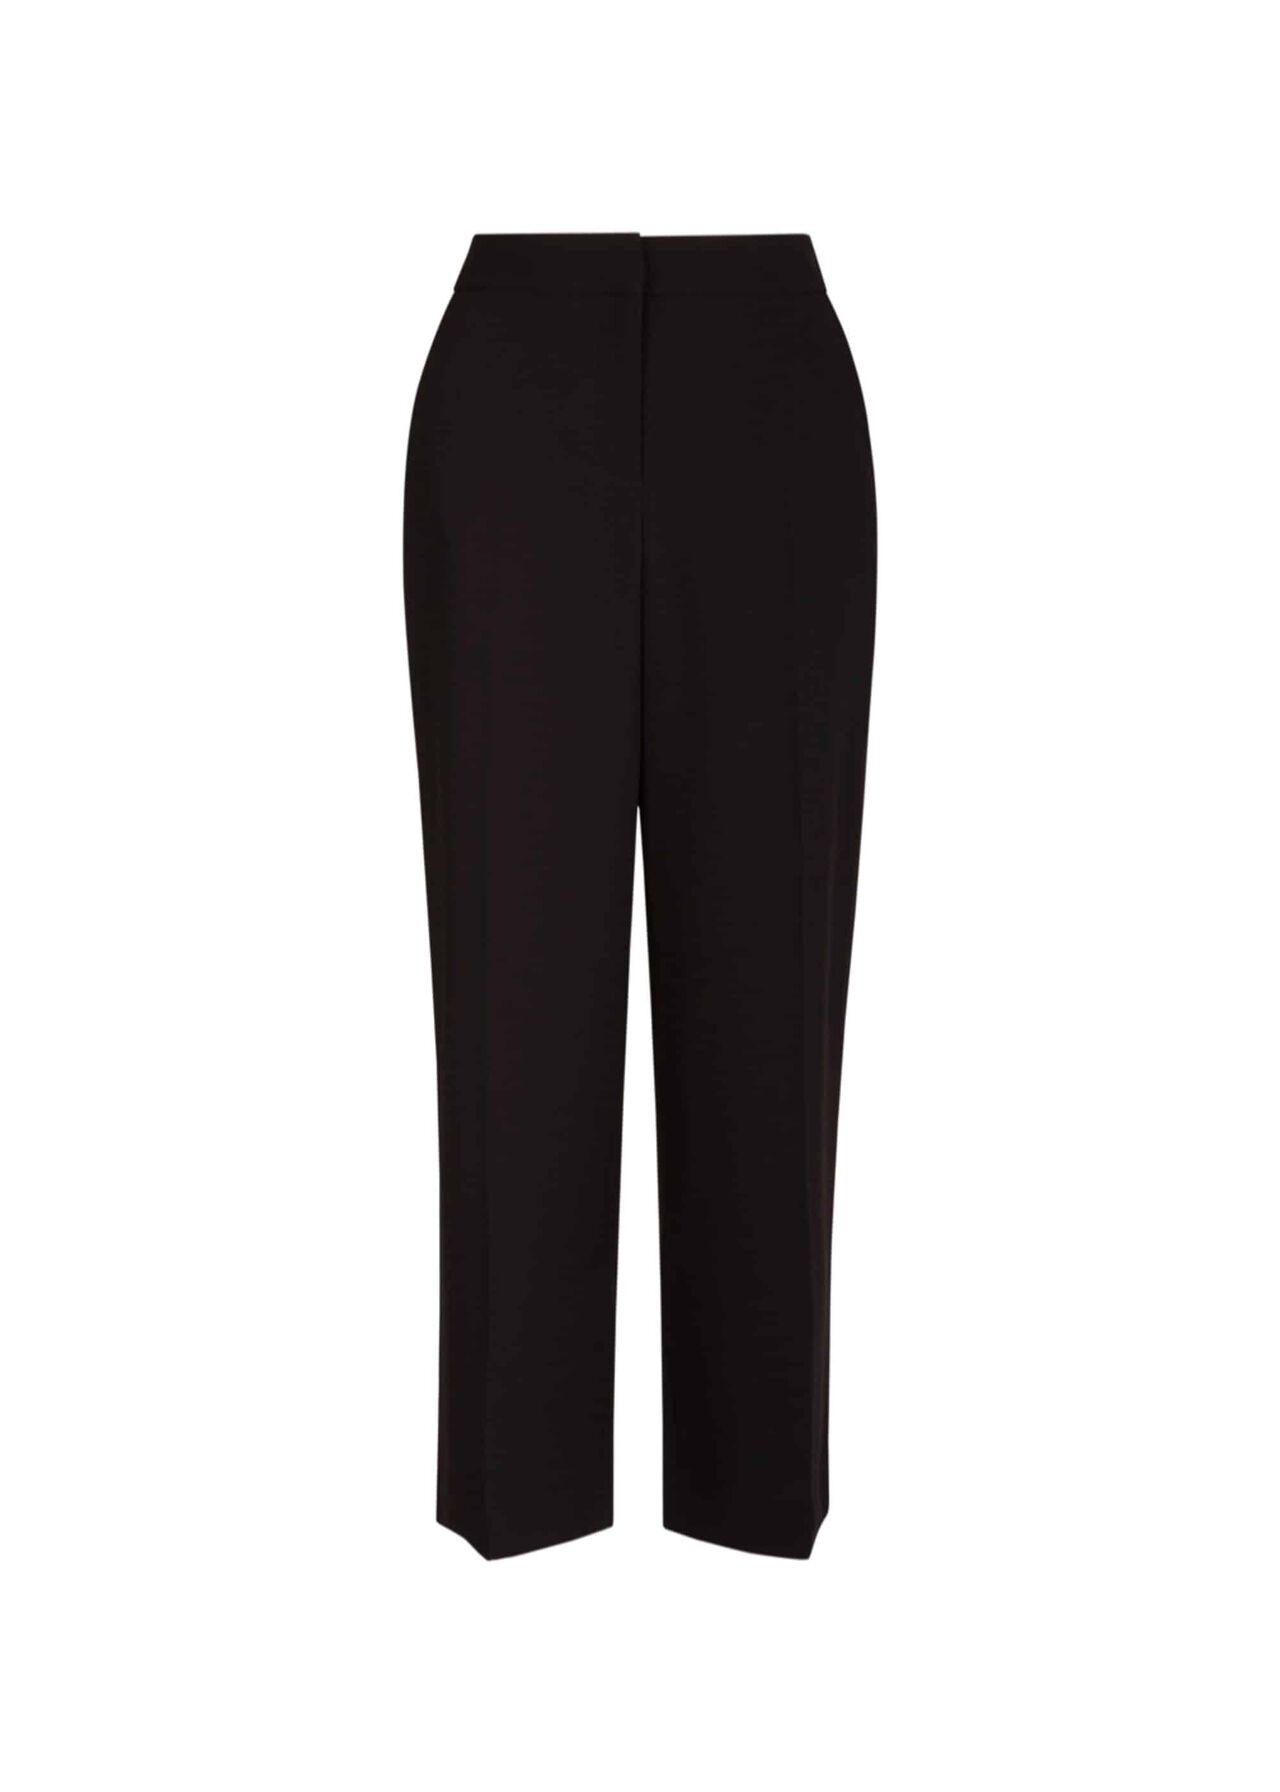 Petite Lula trousers Black